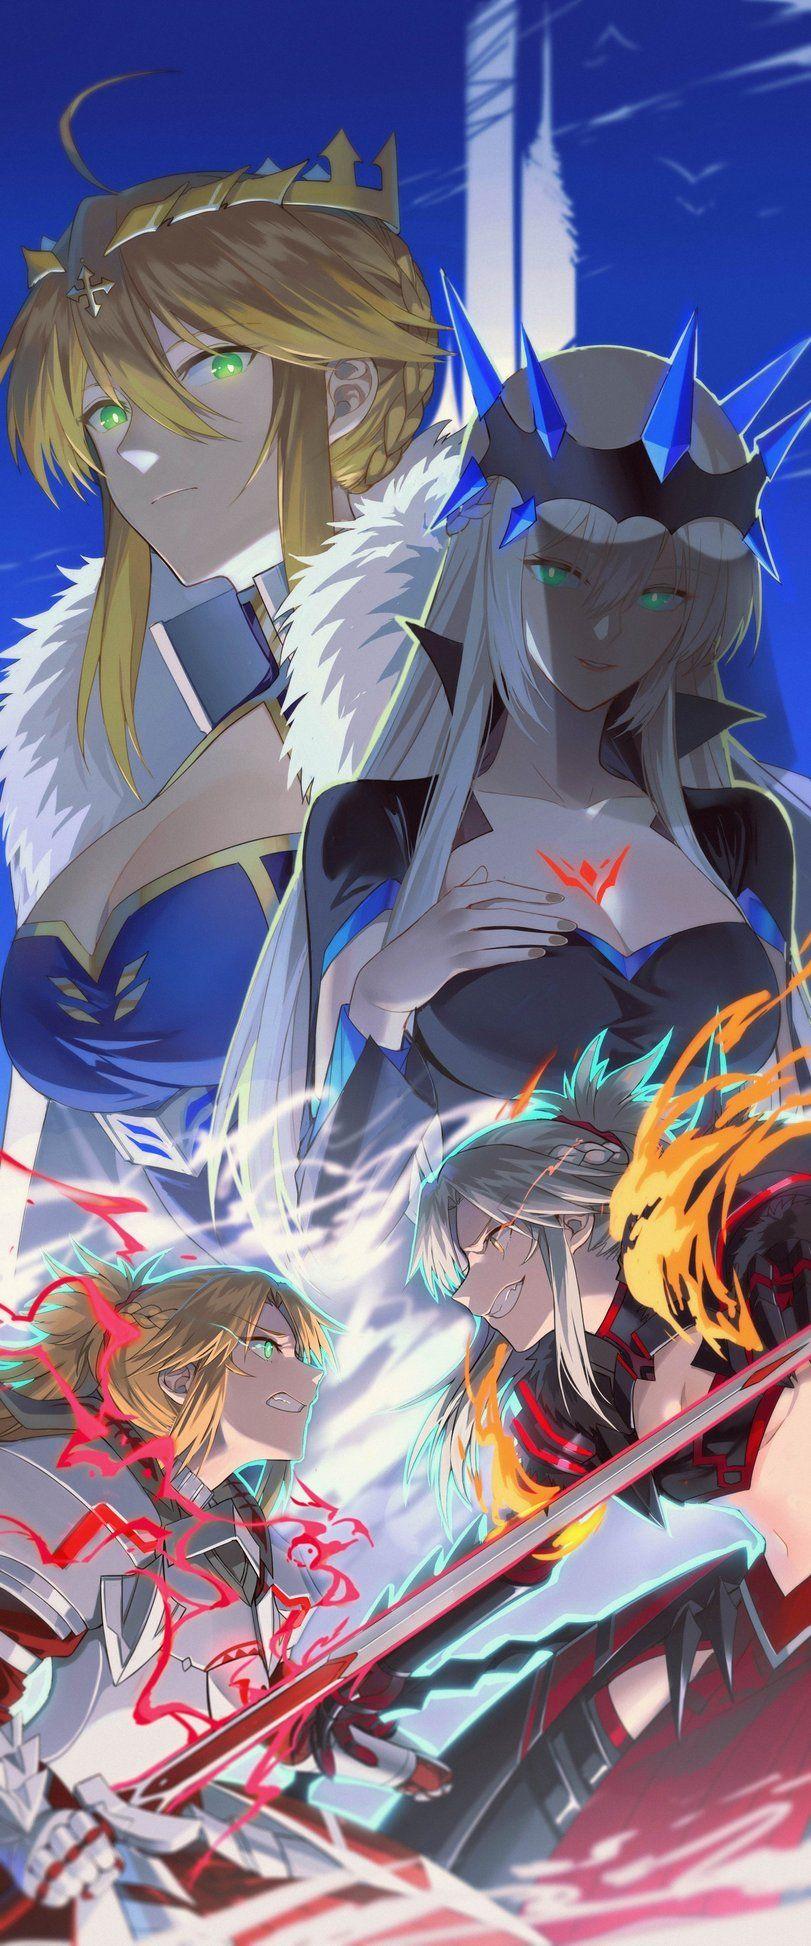 Artoria Pendragon Lancer (Fate/grand order),Fate/Grand